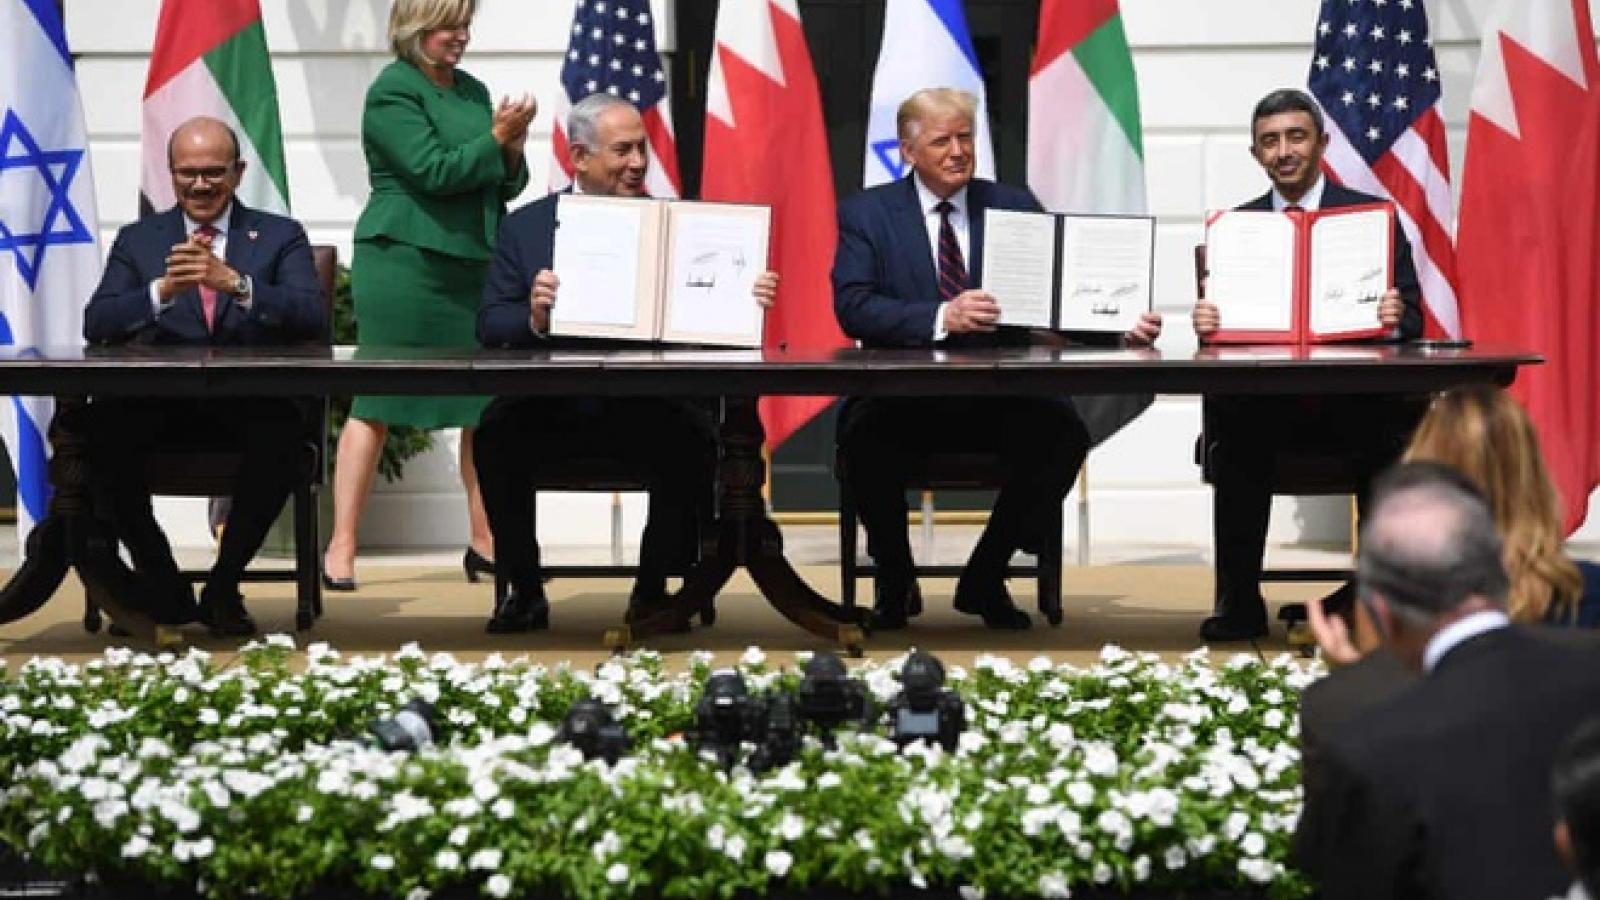 Israel ký thỏa thuận hòa bình với UAE và Bahrain tại Nhà Trắng